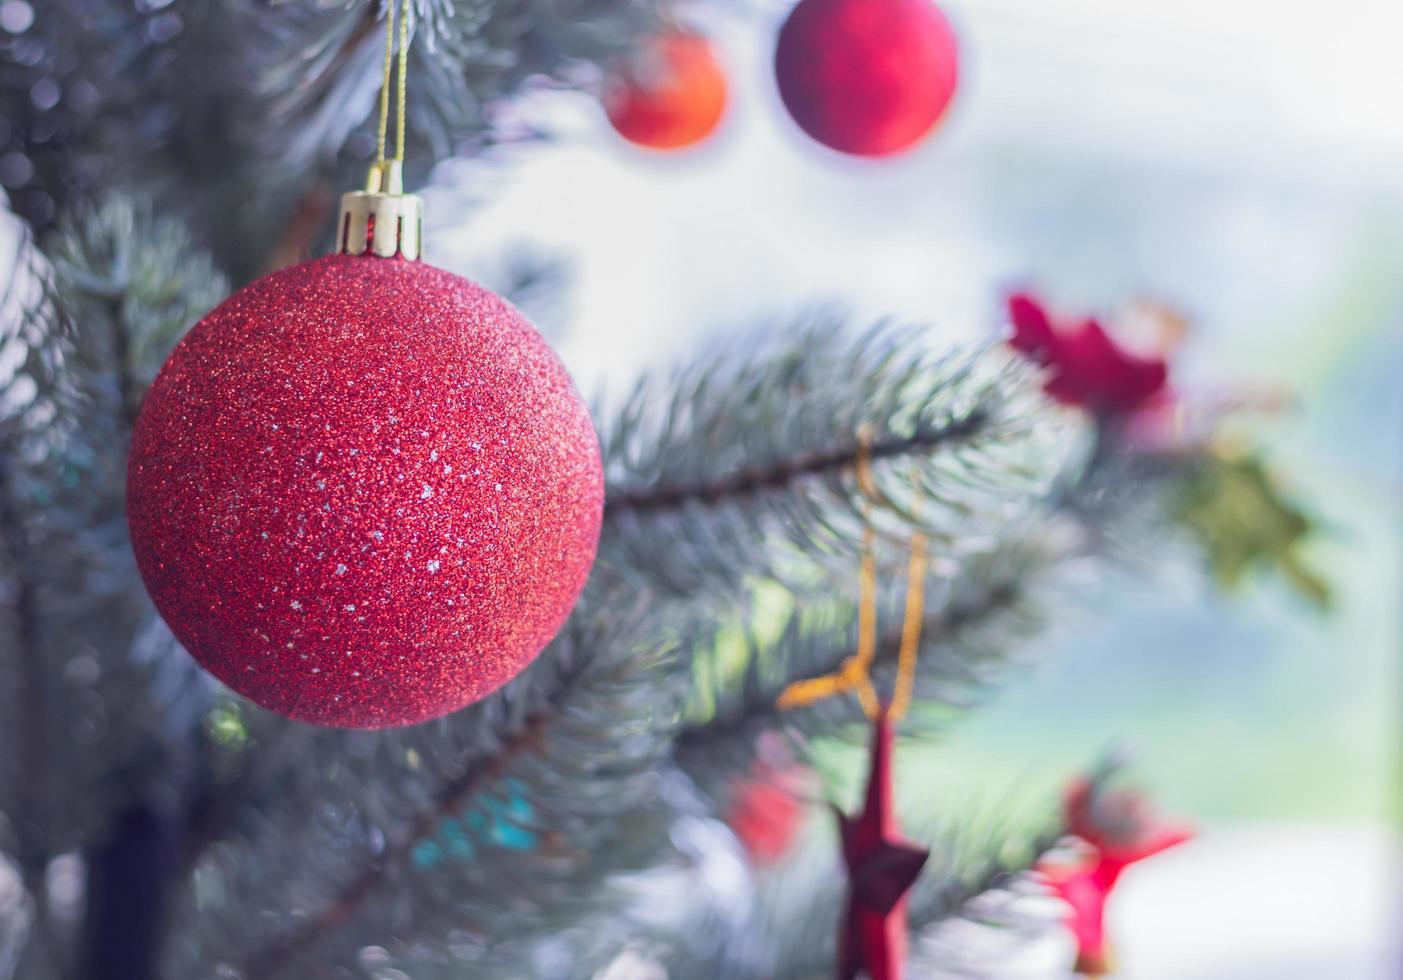 adornos navideños rojos en el árbol foto